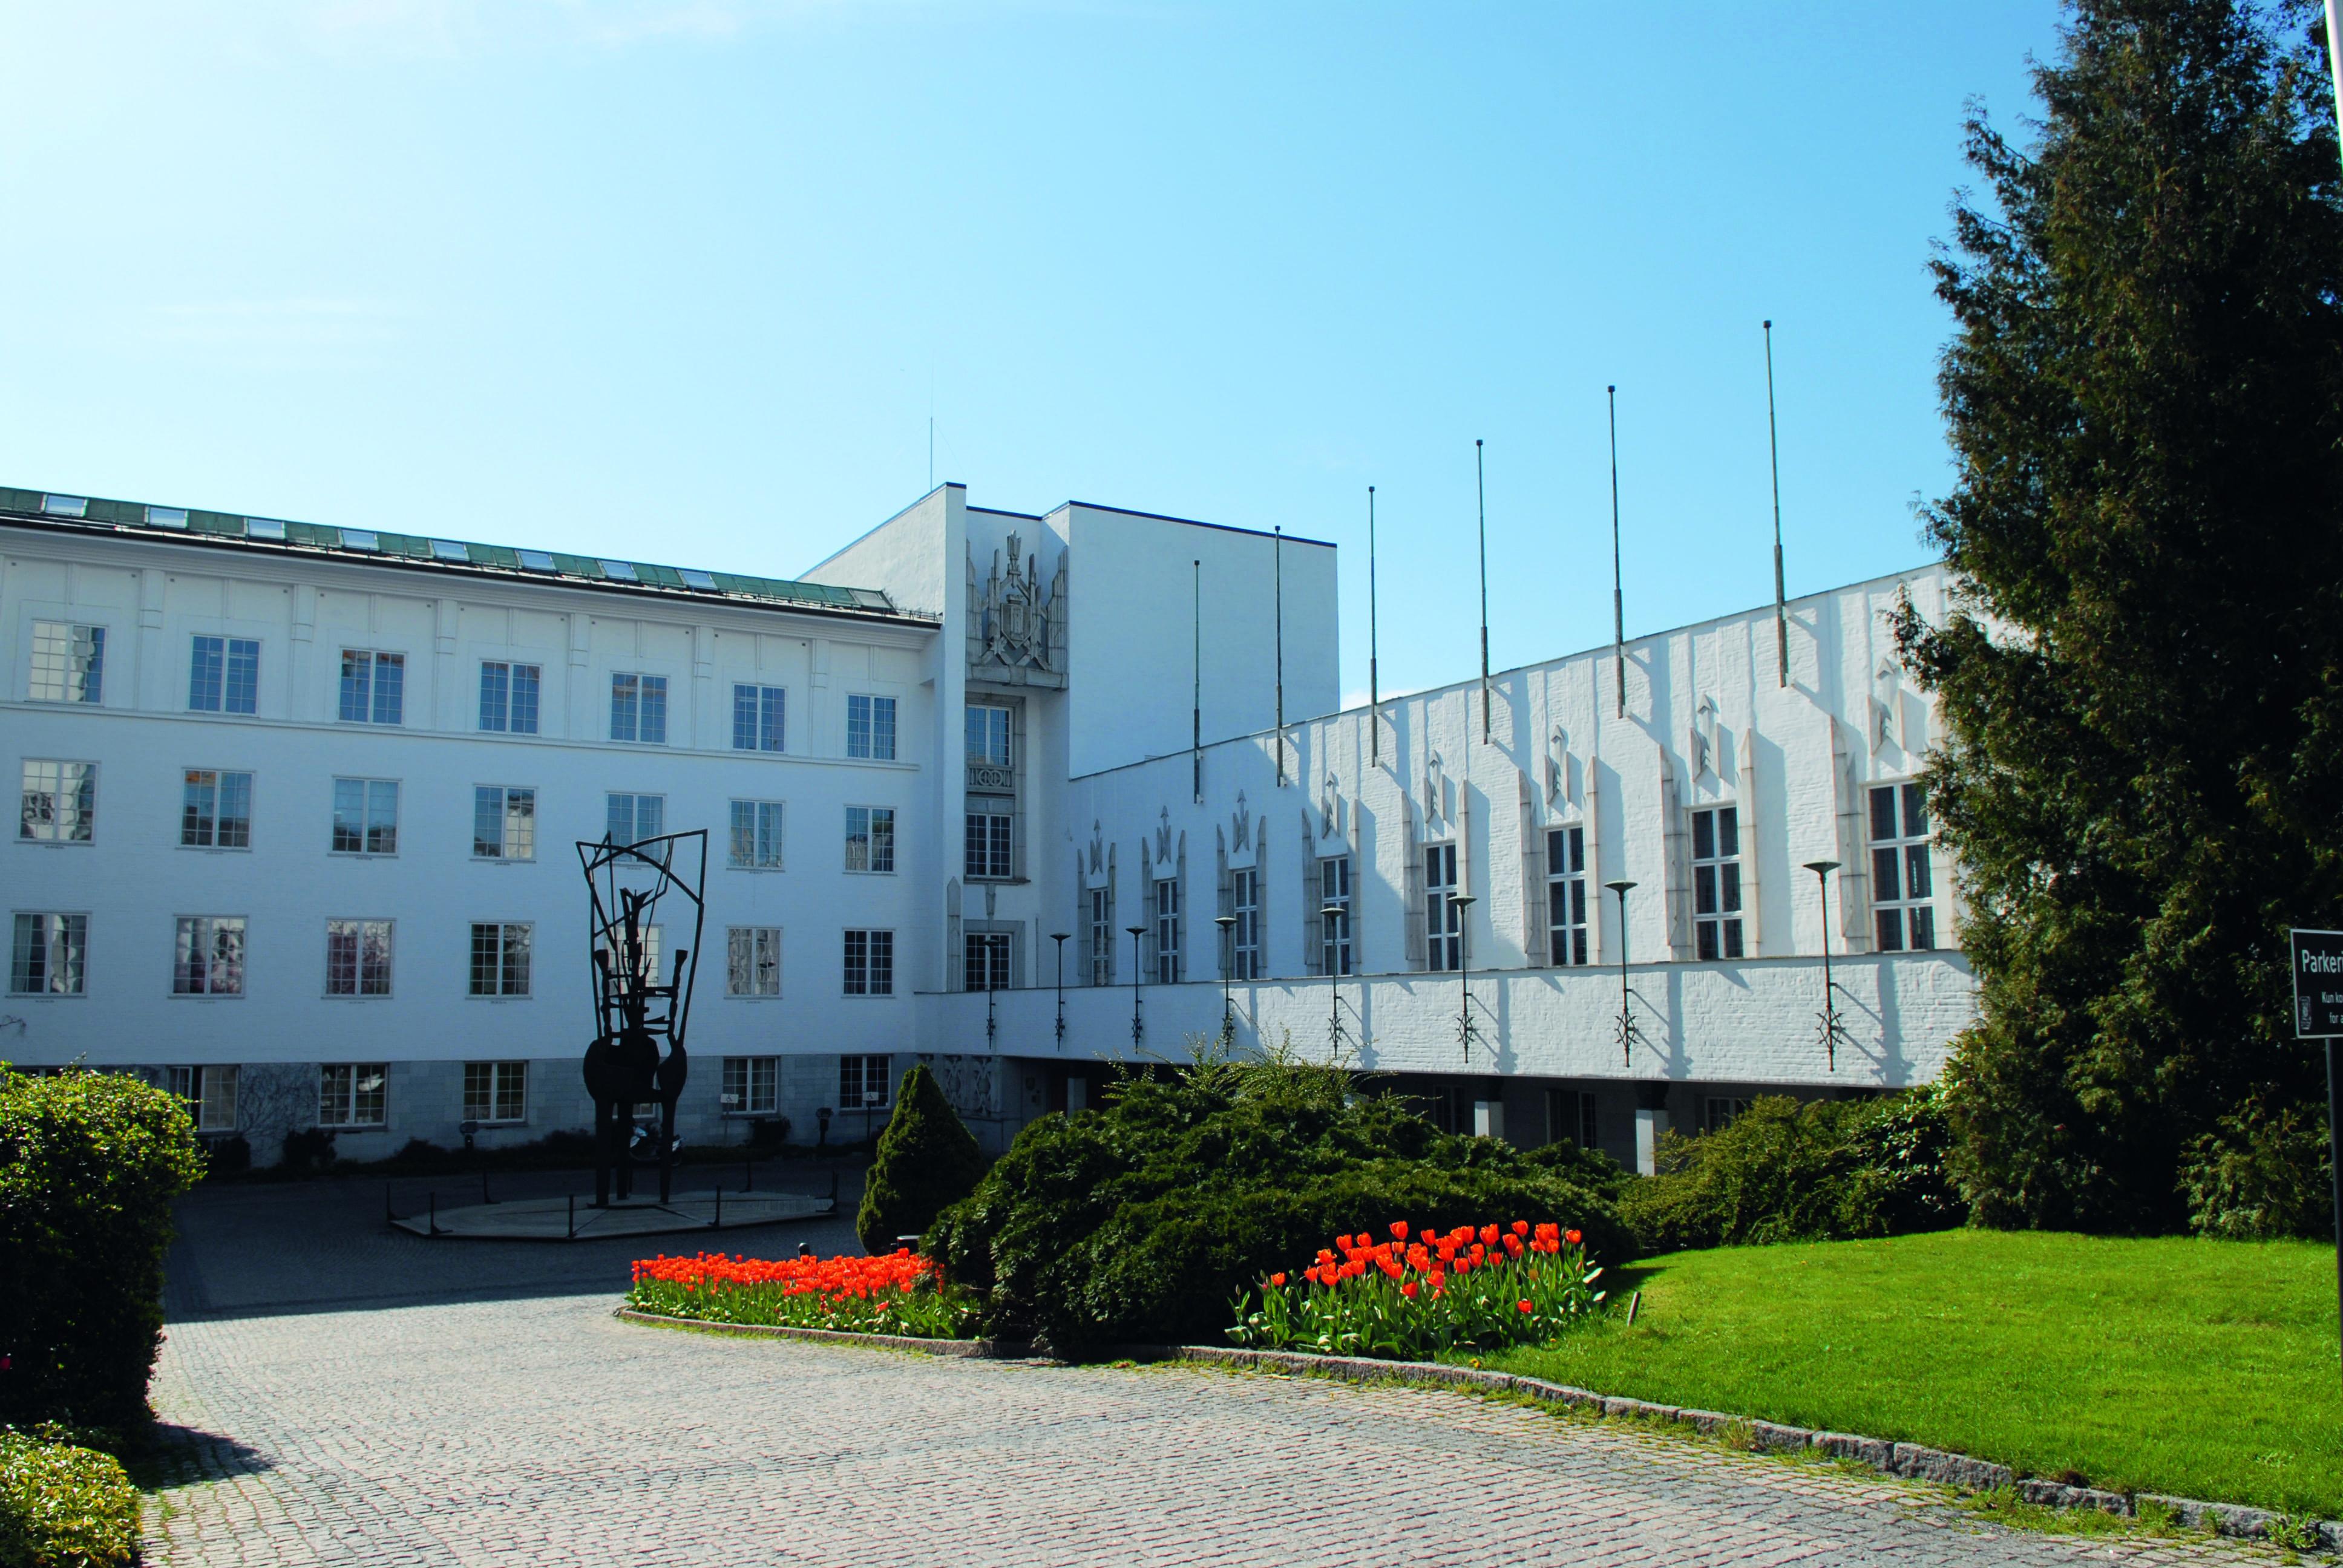 Rådhus i Sandvika for Bærum kommune.